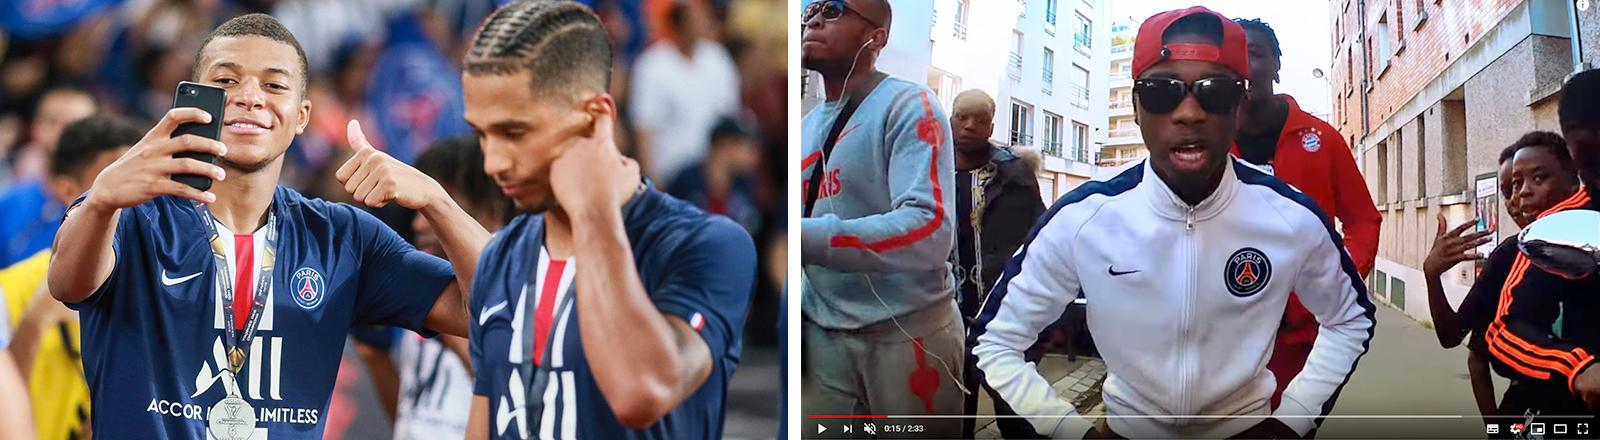 Kylian Mbappe, links,  Fußballspieler des Clubs Paris Saint-Germain macht ein Selfie nach einem erfolgreichen Match. Der Rapper MHD trägt in einem Musikvideo eine Trainingsjacke mit dem Logo von Paris St. Germain.